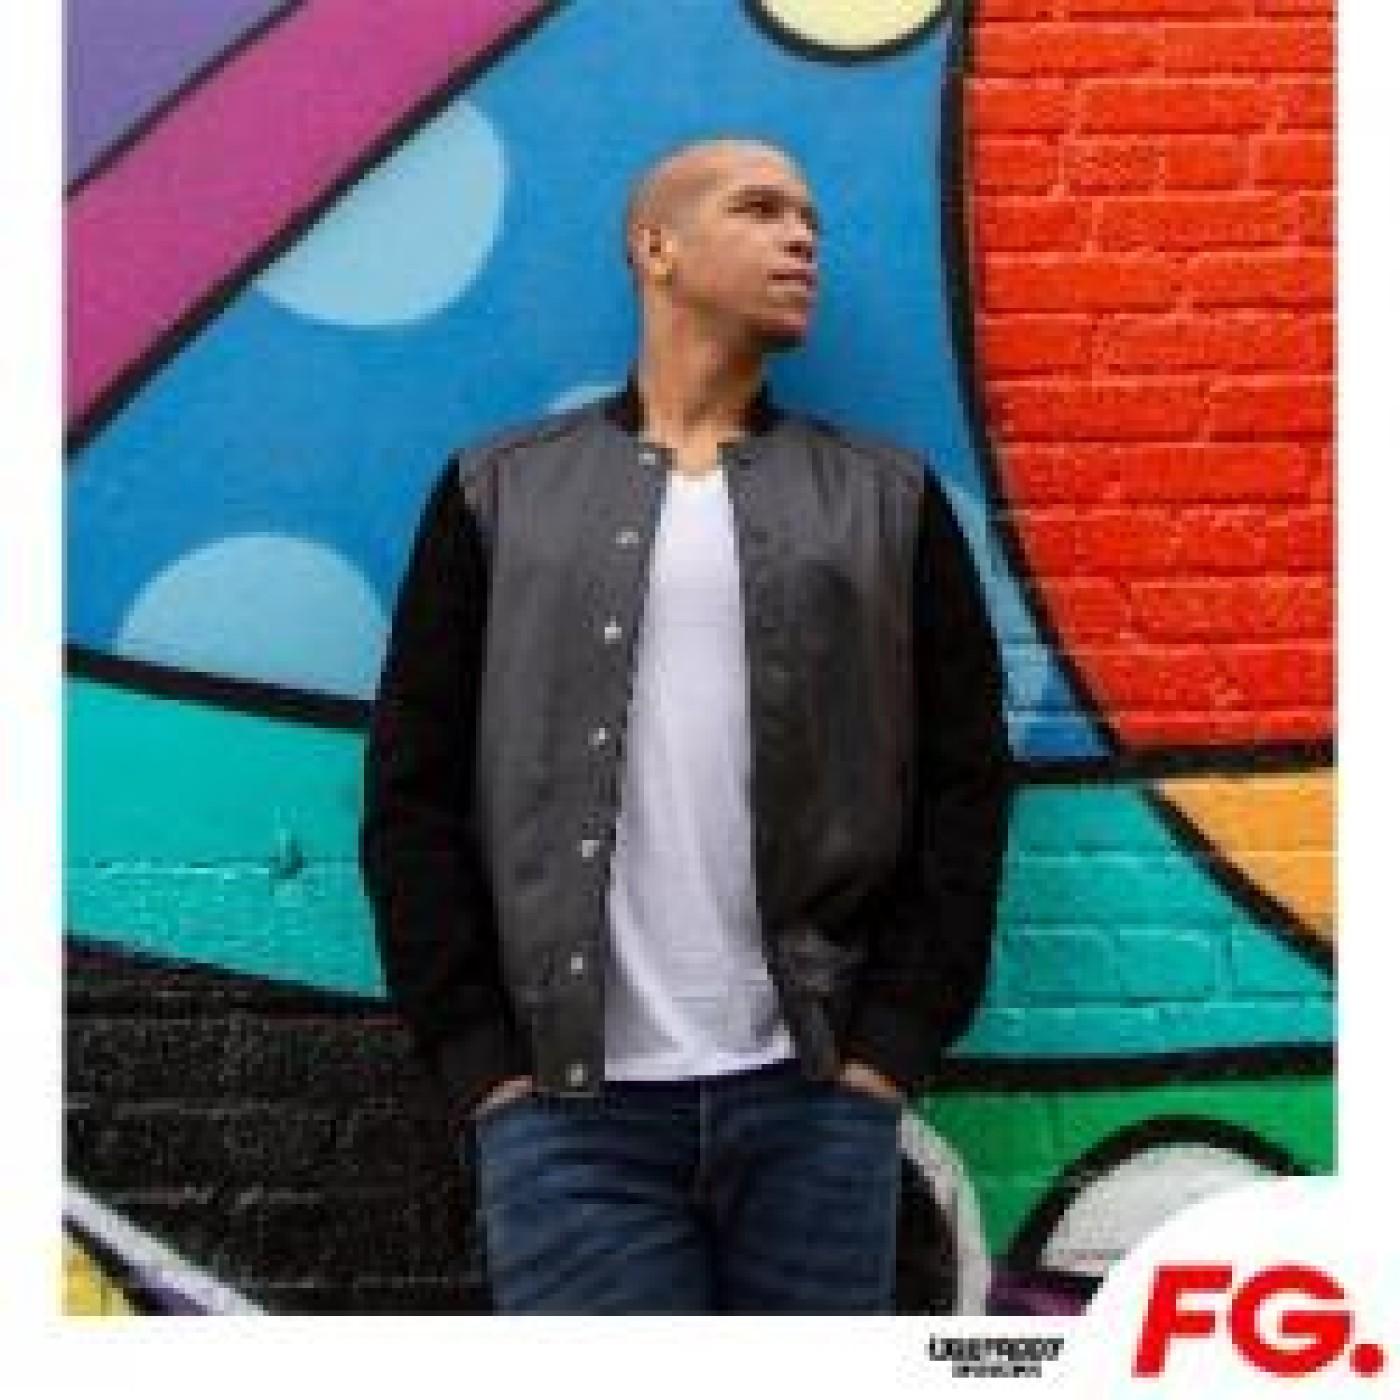 CLUB FG : FRANCIS MERCIER